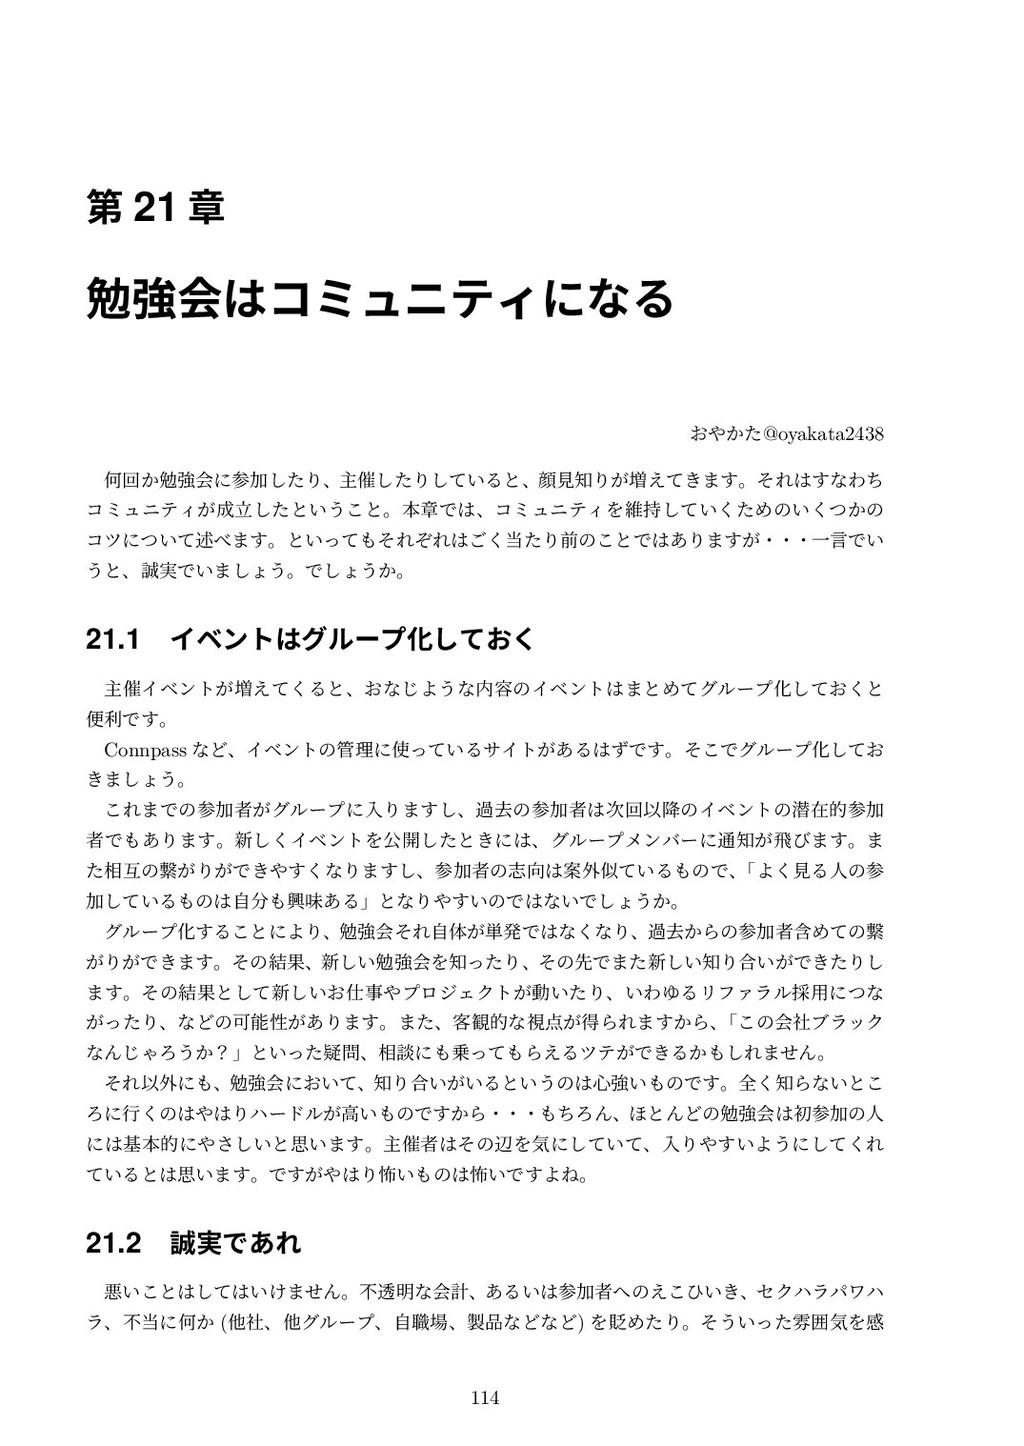 第 21 章 勉強会はコミュニティになる おやかた@oyakata2438 何回か勉強会に参加...